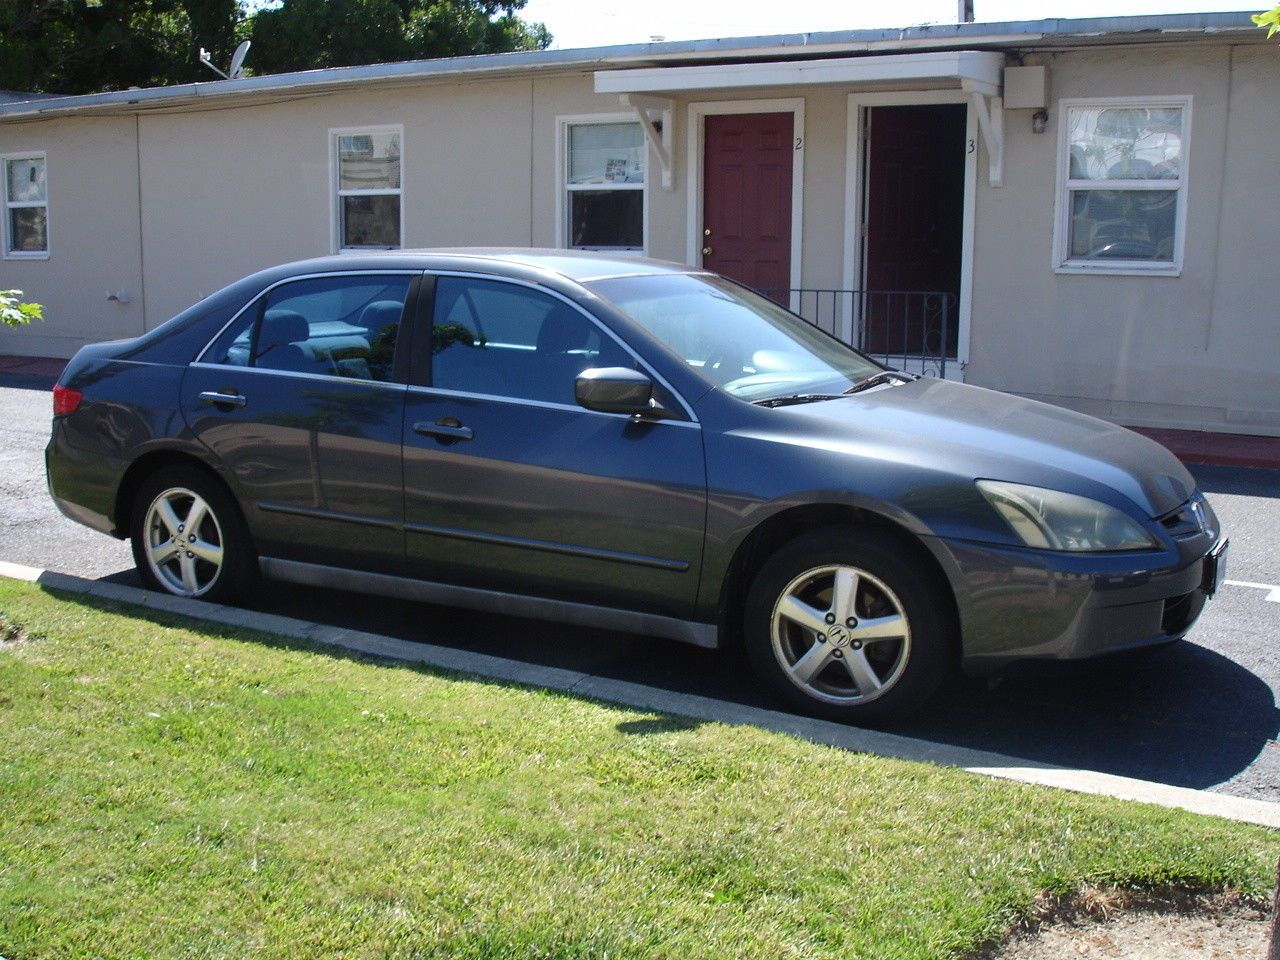 Awesome Great 2005 Honda Accord 2005 Dark Grey Honda Accord Low Mileage 2 4 Dohc Sulev Ivtec 2017 2018 Car Bmw Car Bmw